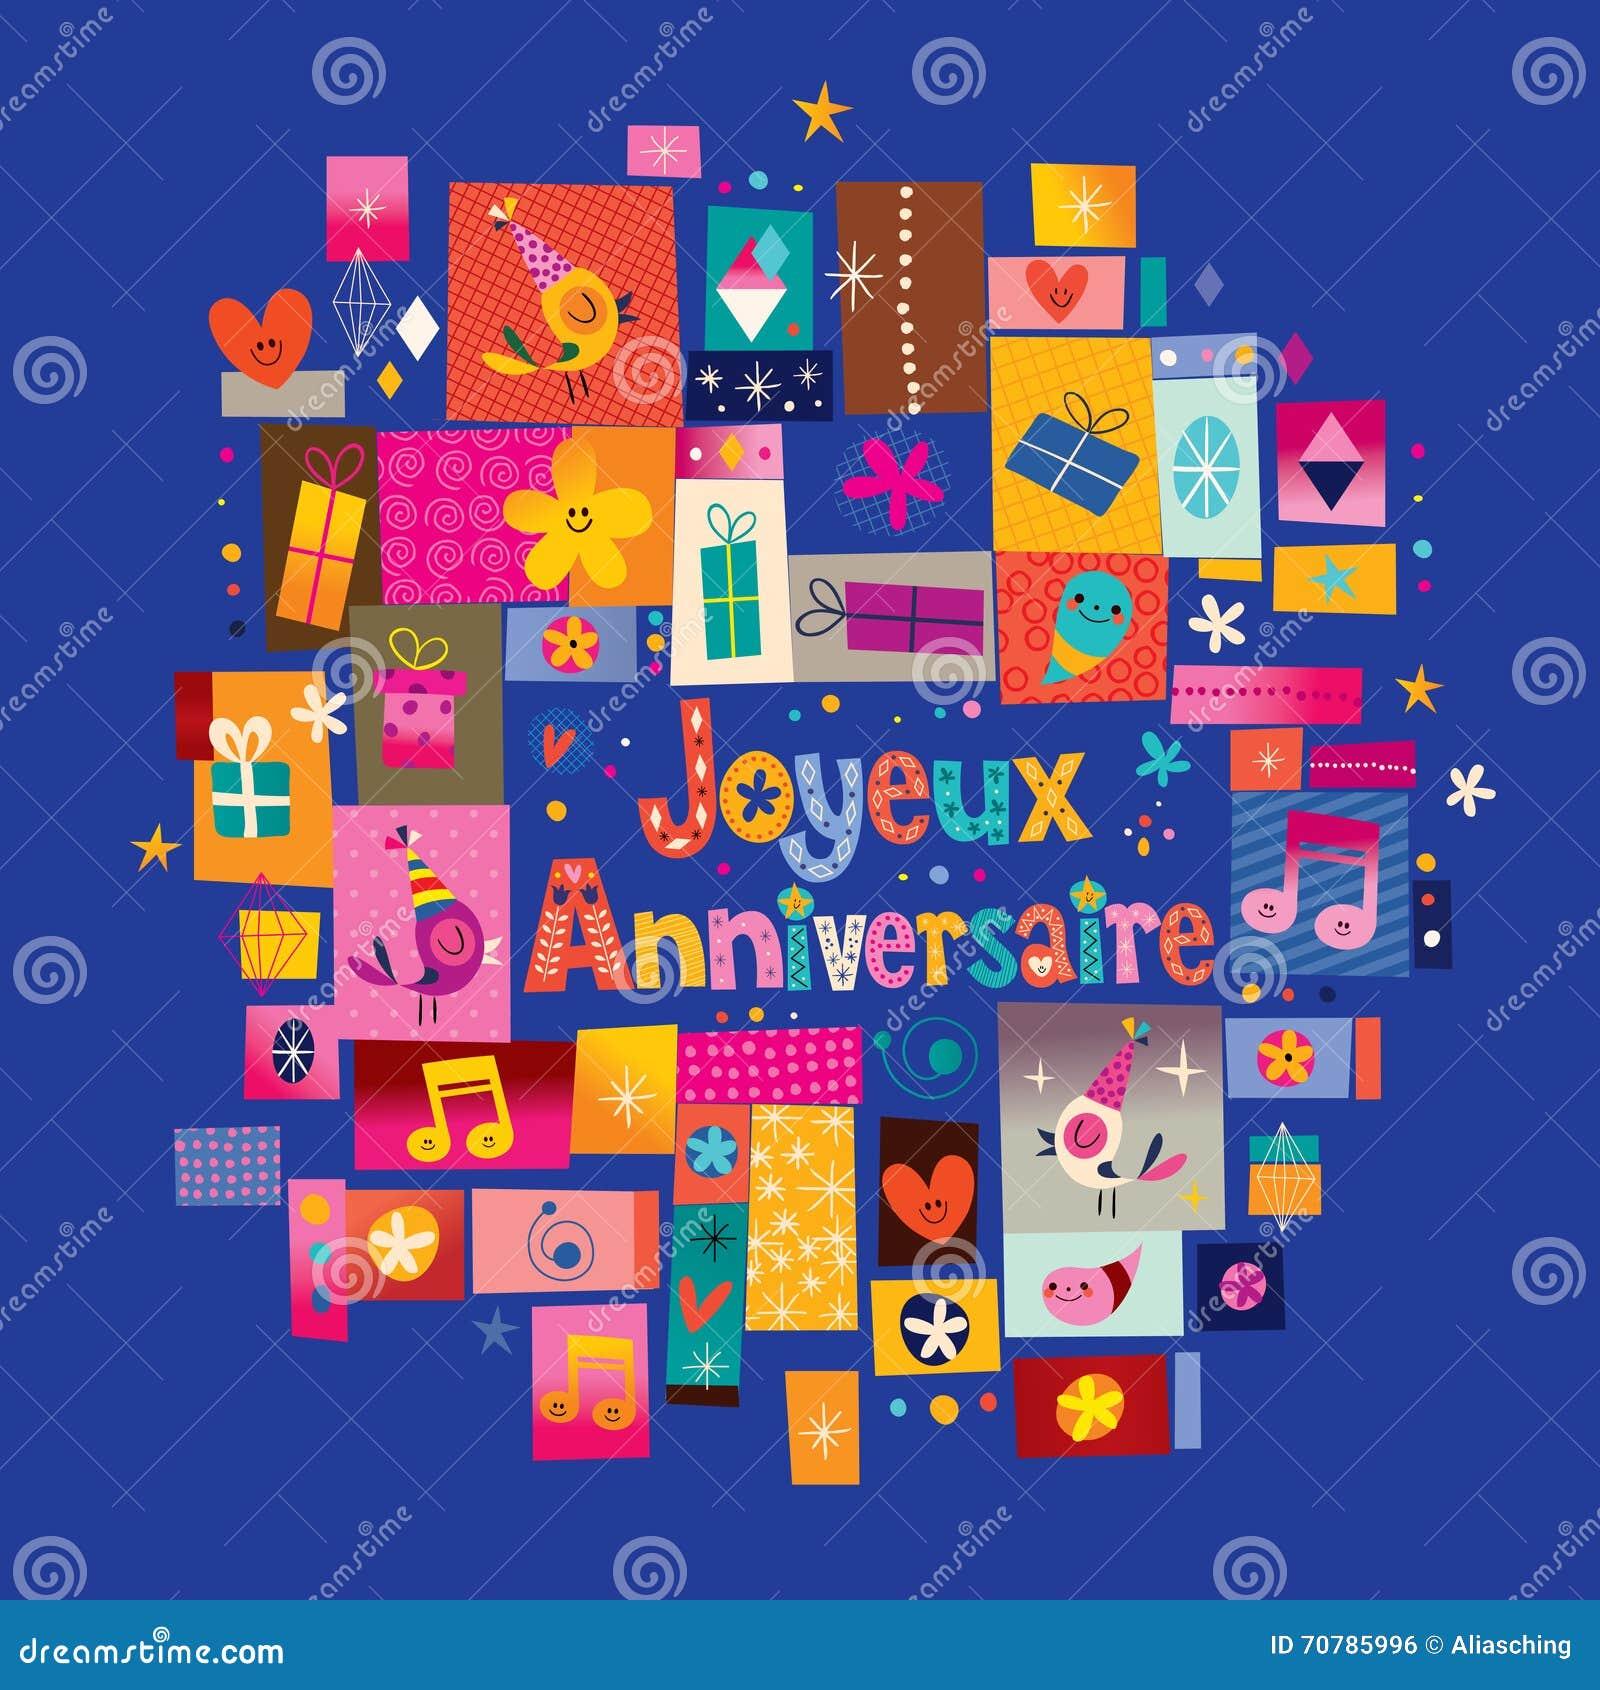 с днем рождения картинки на французском